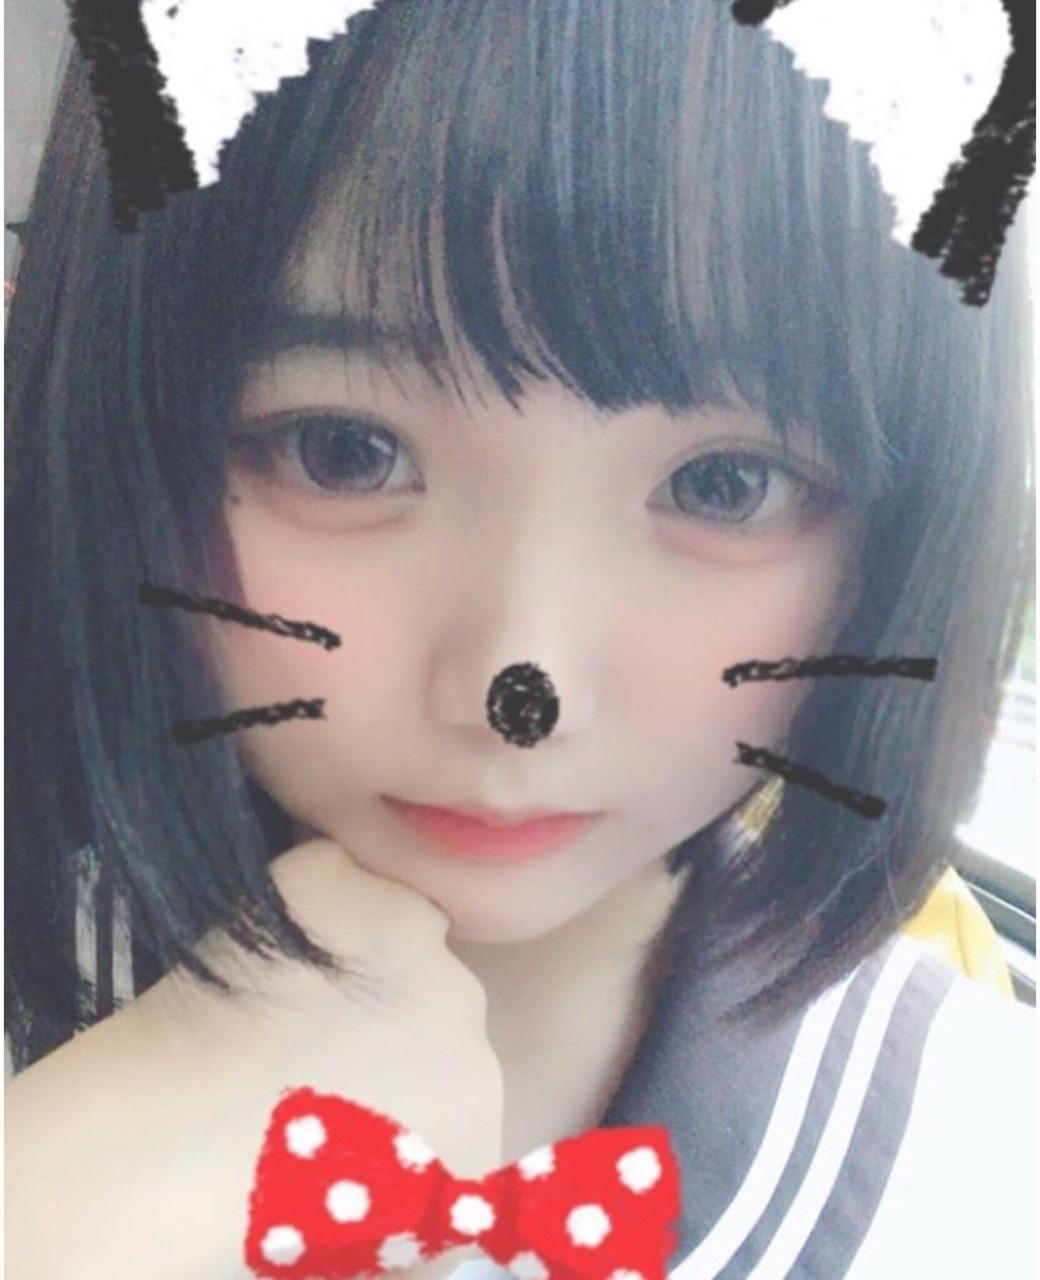 ロリ系美少女の自分撮りヌード&マ○コ画像 1